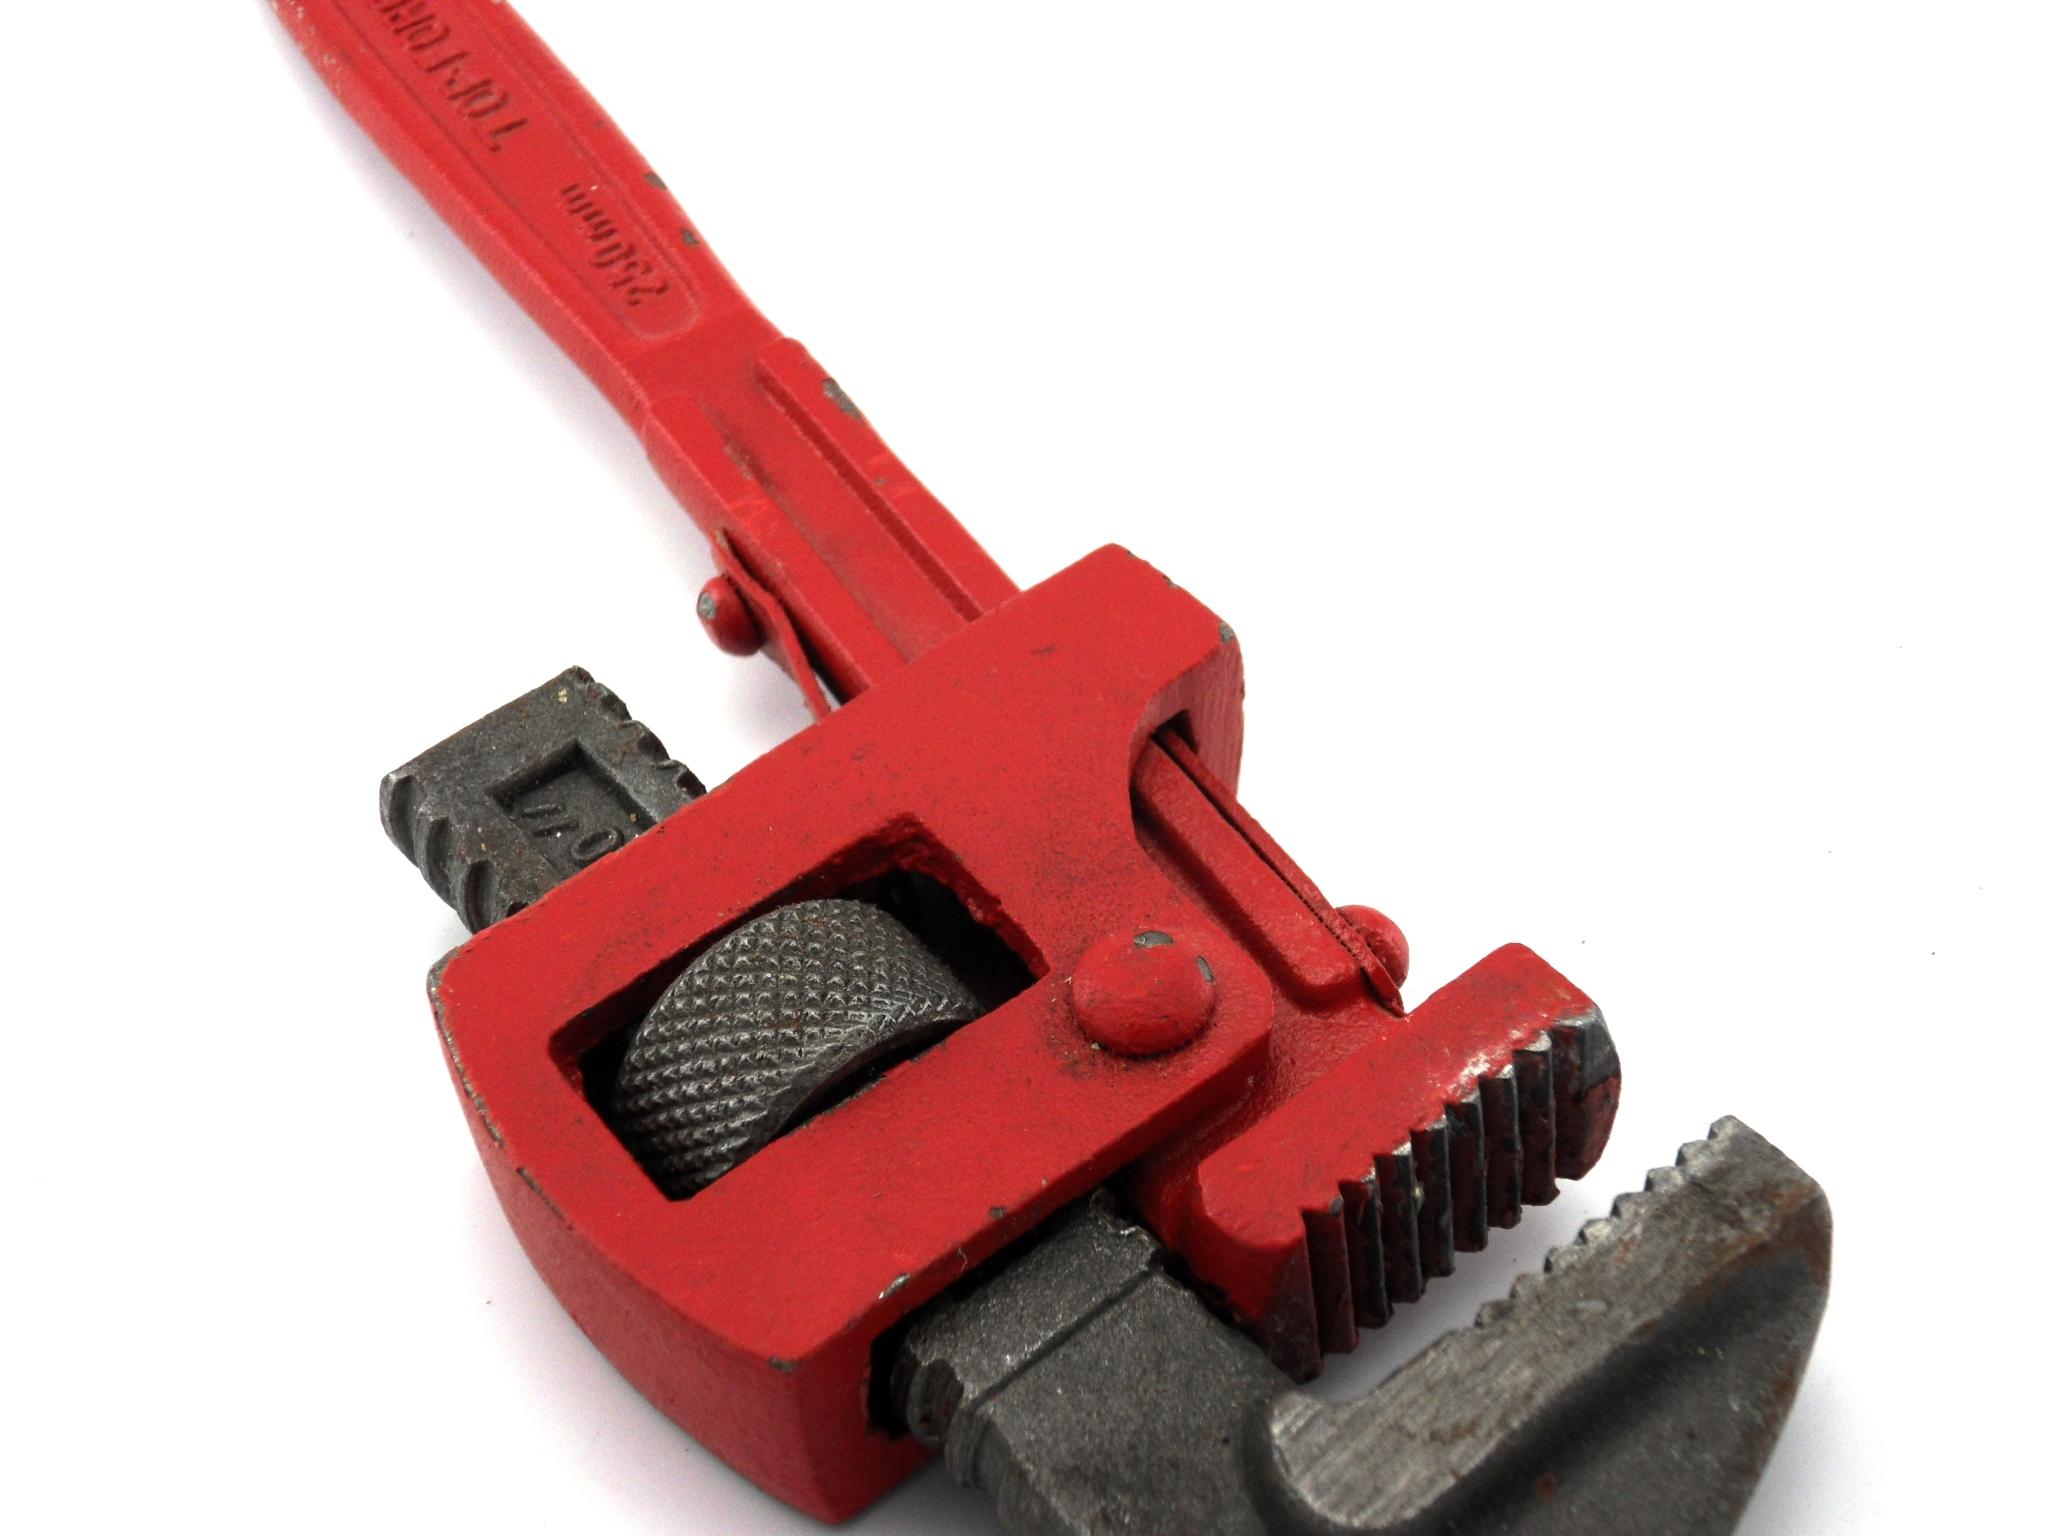 Pipe wrench, Adjust, Power, Repairman, Repair, HQ Photo